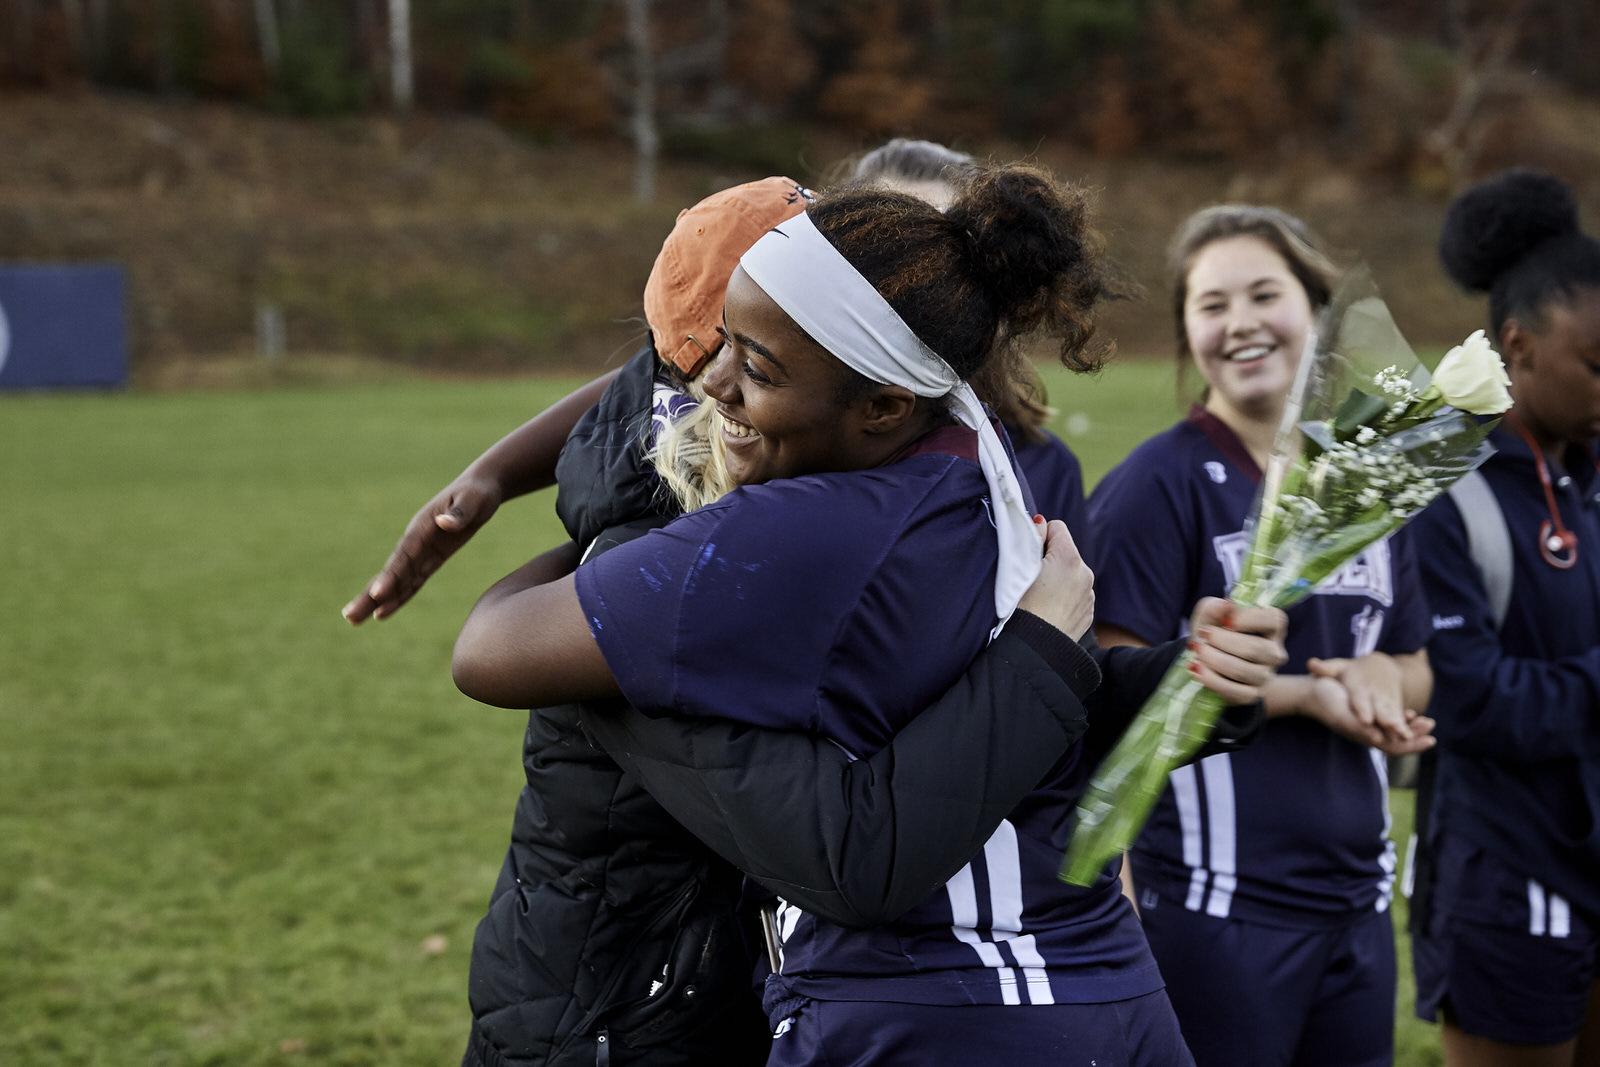 Girls Varsity Soccer vs. White Mountain School - November 7, 2018 - Nov 07 2018 - 0056.jpg